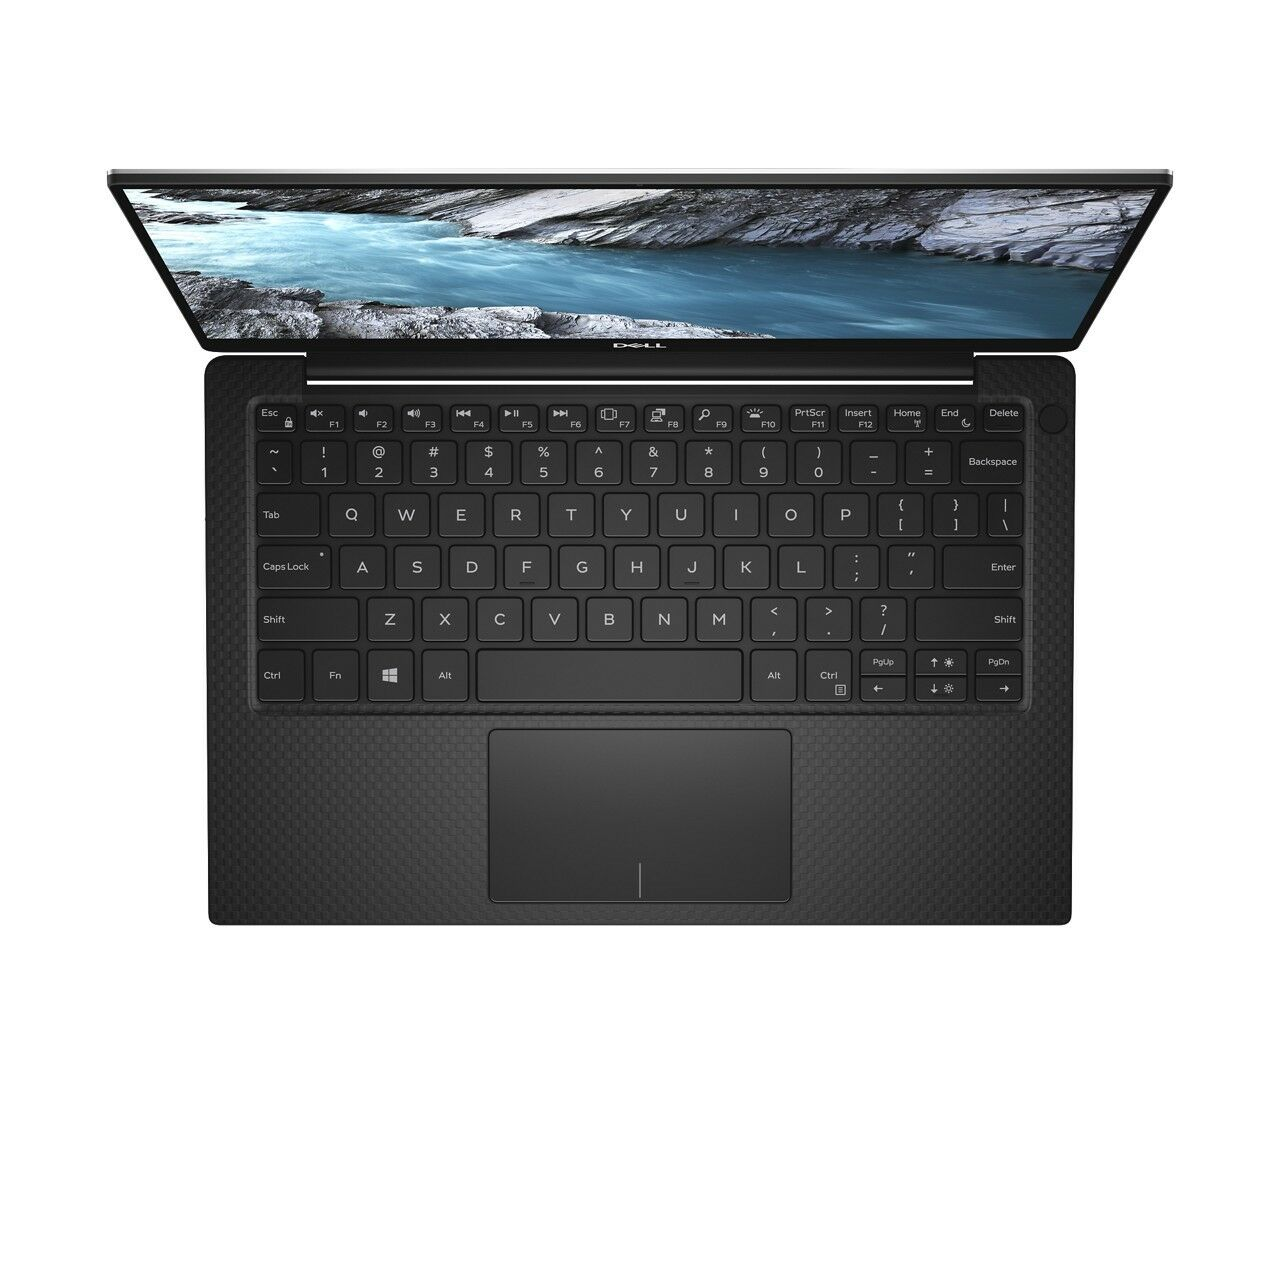 NEW Dell XPS 13 9380 13 3'' FHD (1920x1080) i7-8565U 16GB RAM 512GB PCIe  SSD W10 PRO with Fingerprint Reader